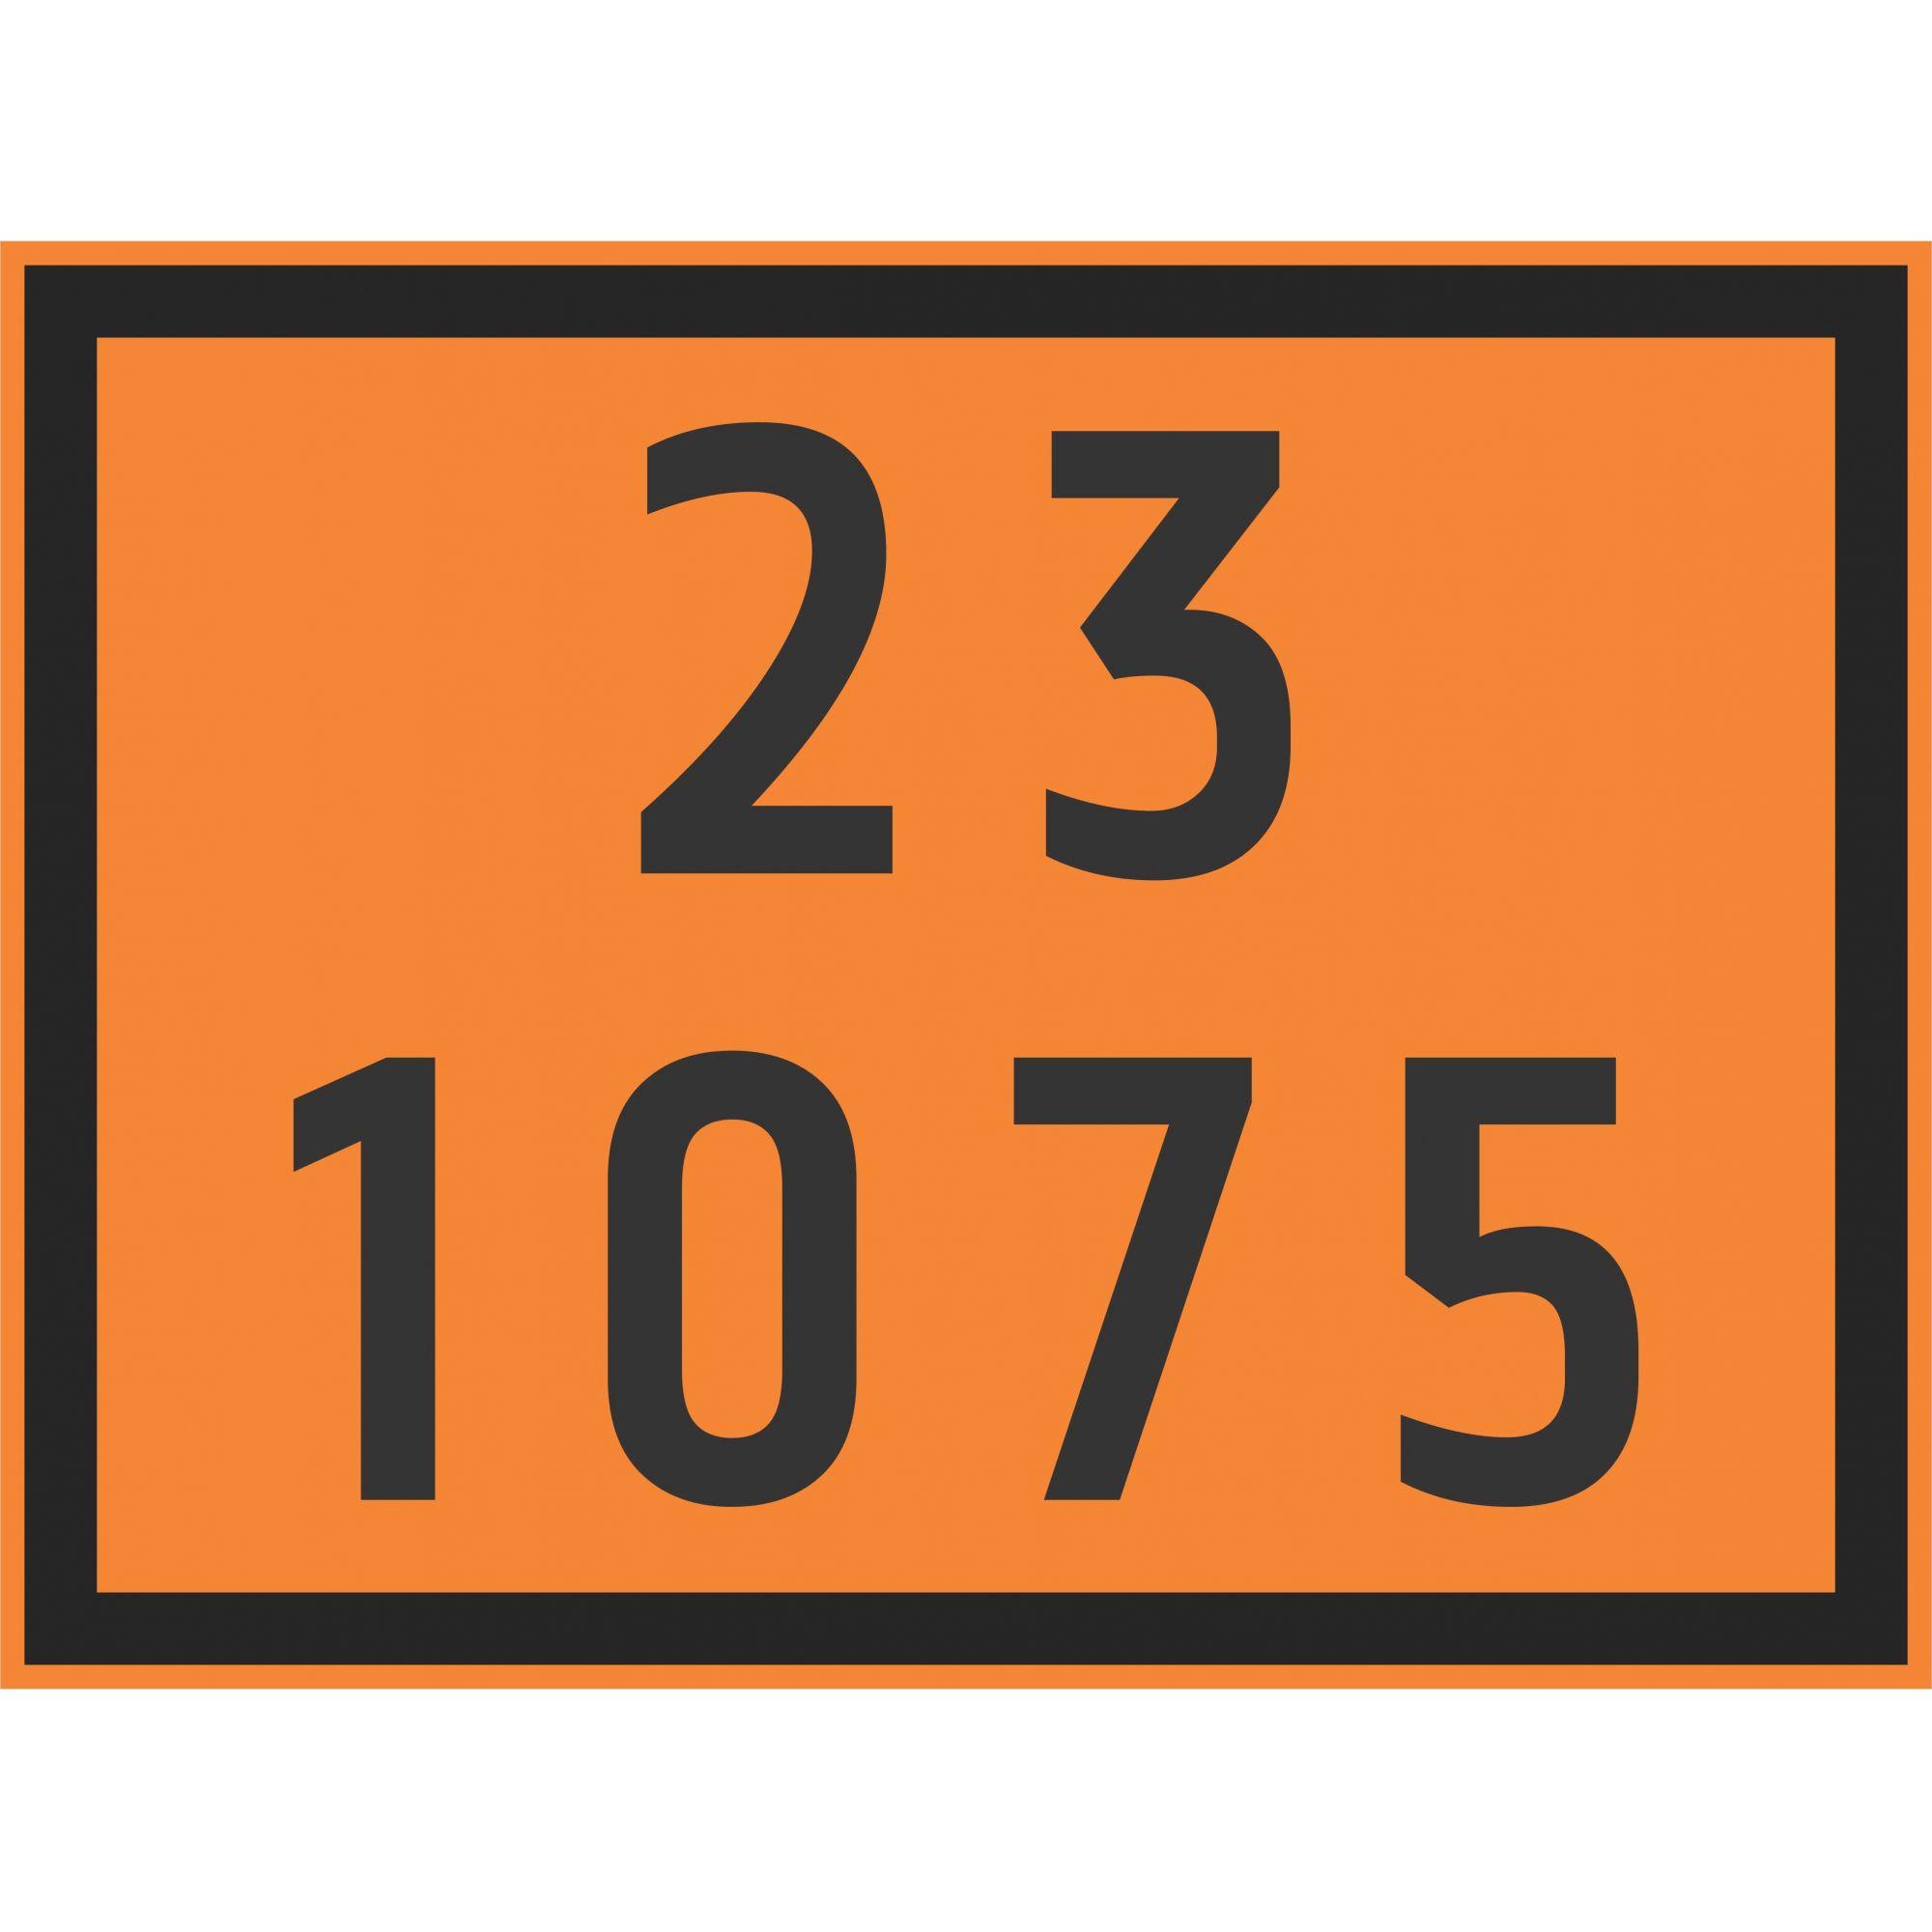 GLP 1075  - Towbar Sinalização de Segurança